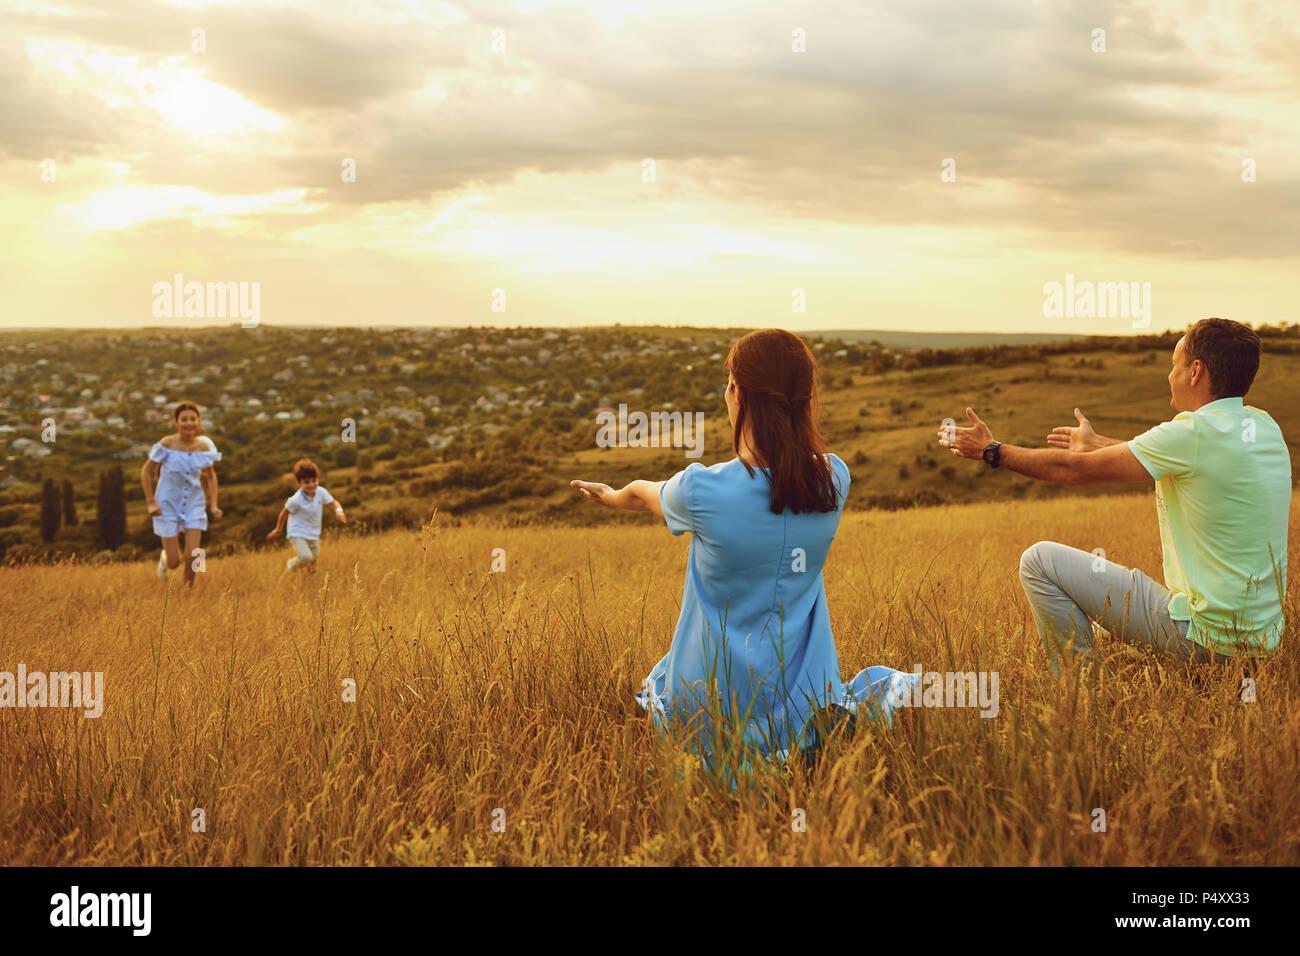 Familia feliz jugando juntos al aire libre. Foto de stock